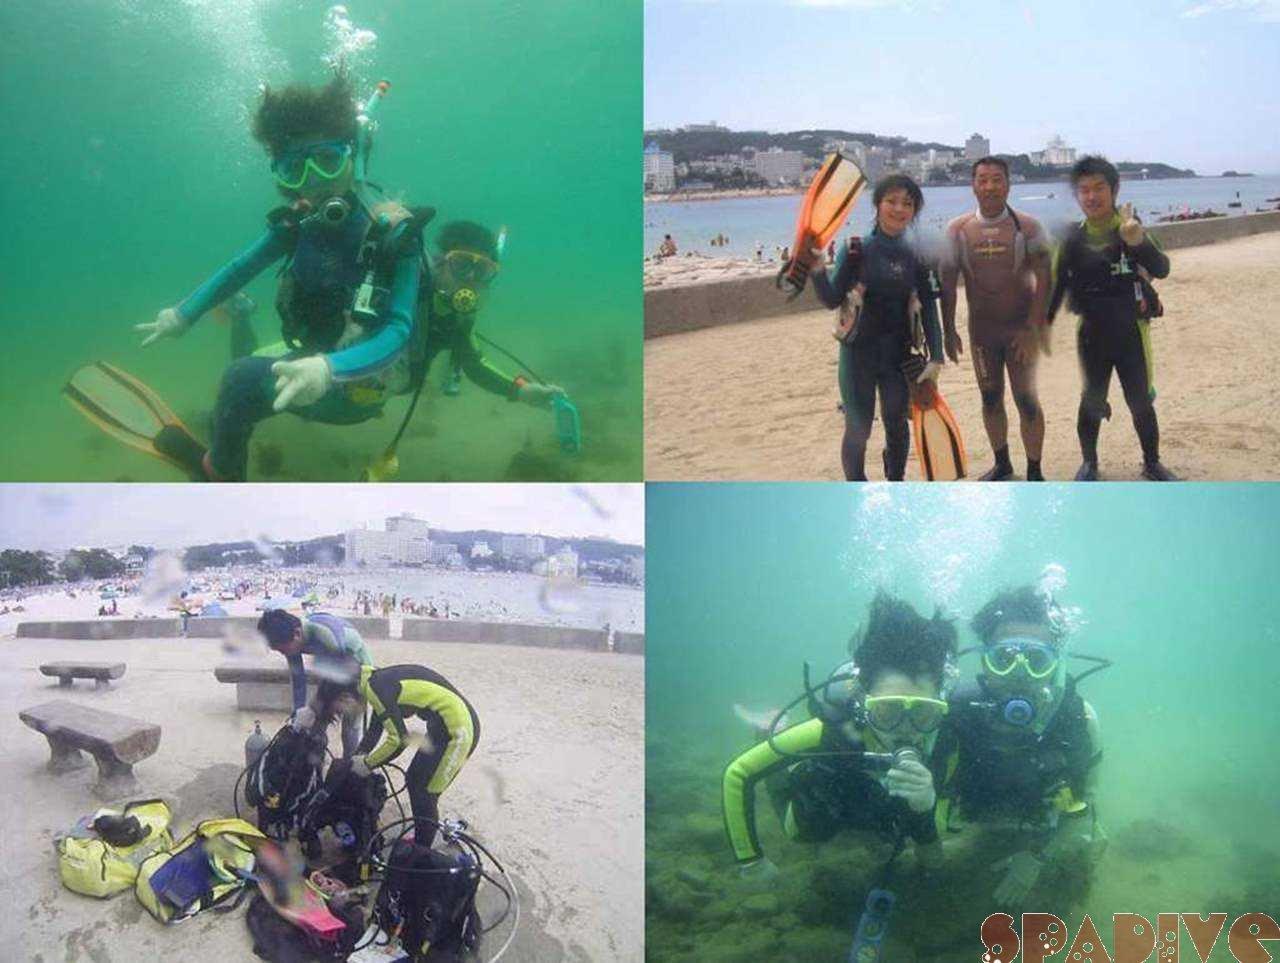 体験ダイビング&ライセンス取得コース初日|8/17/2005白浜